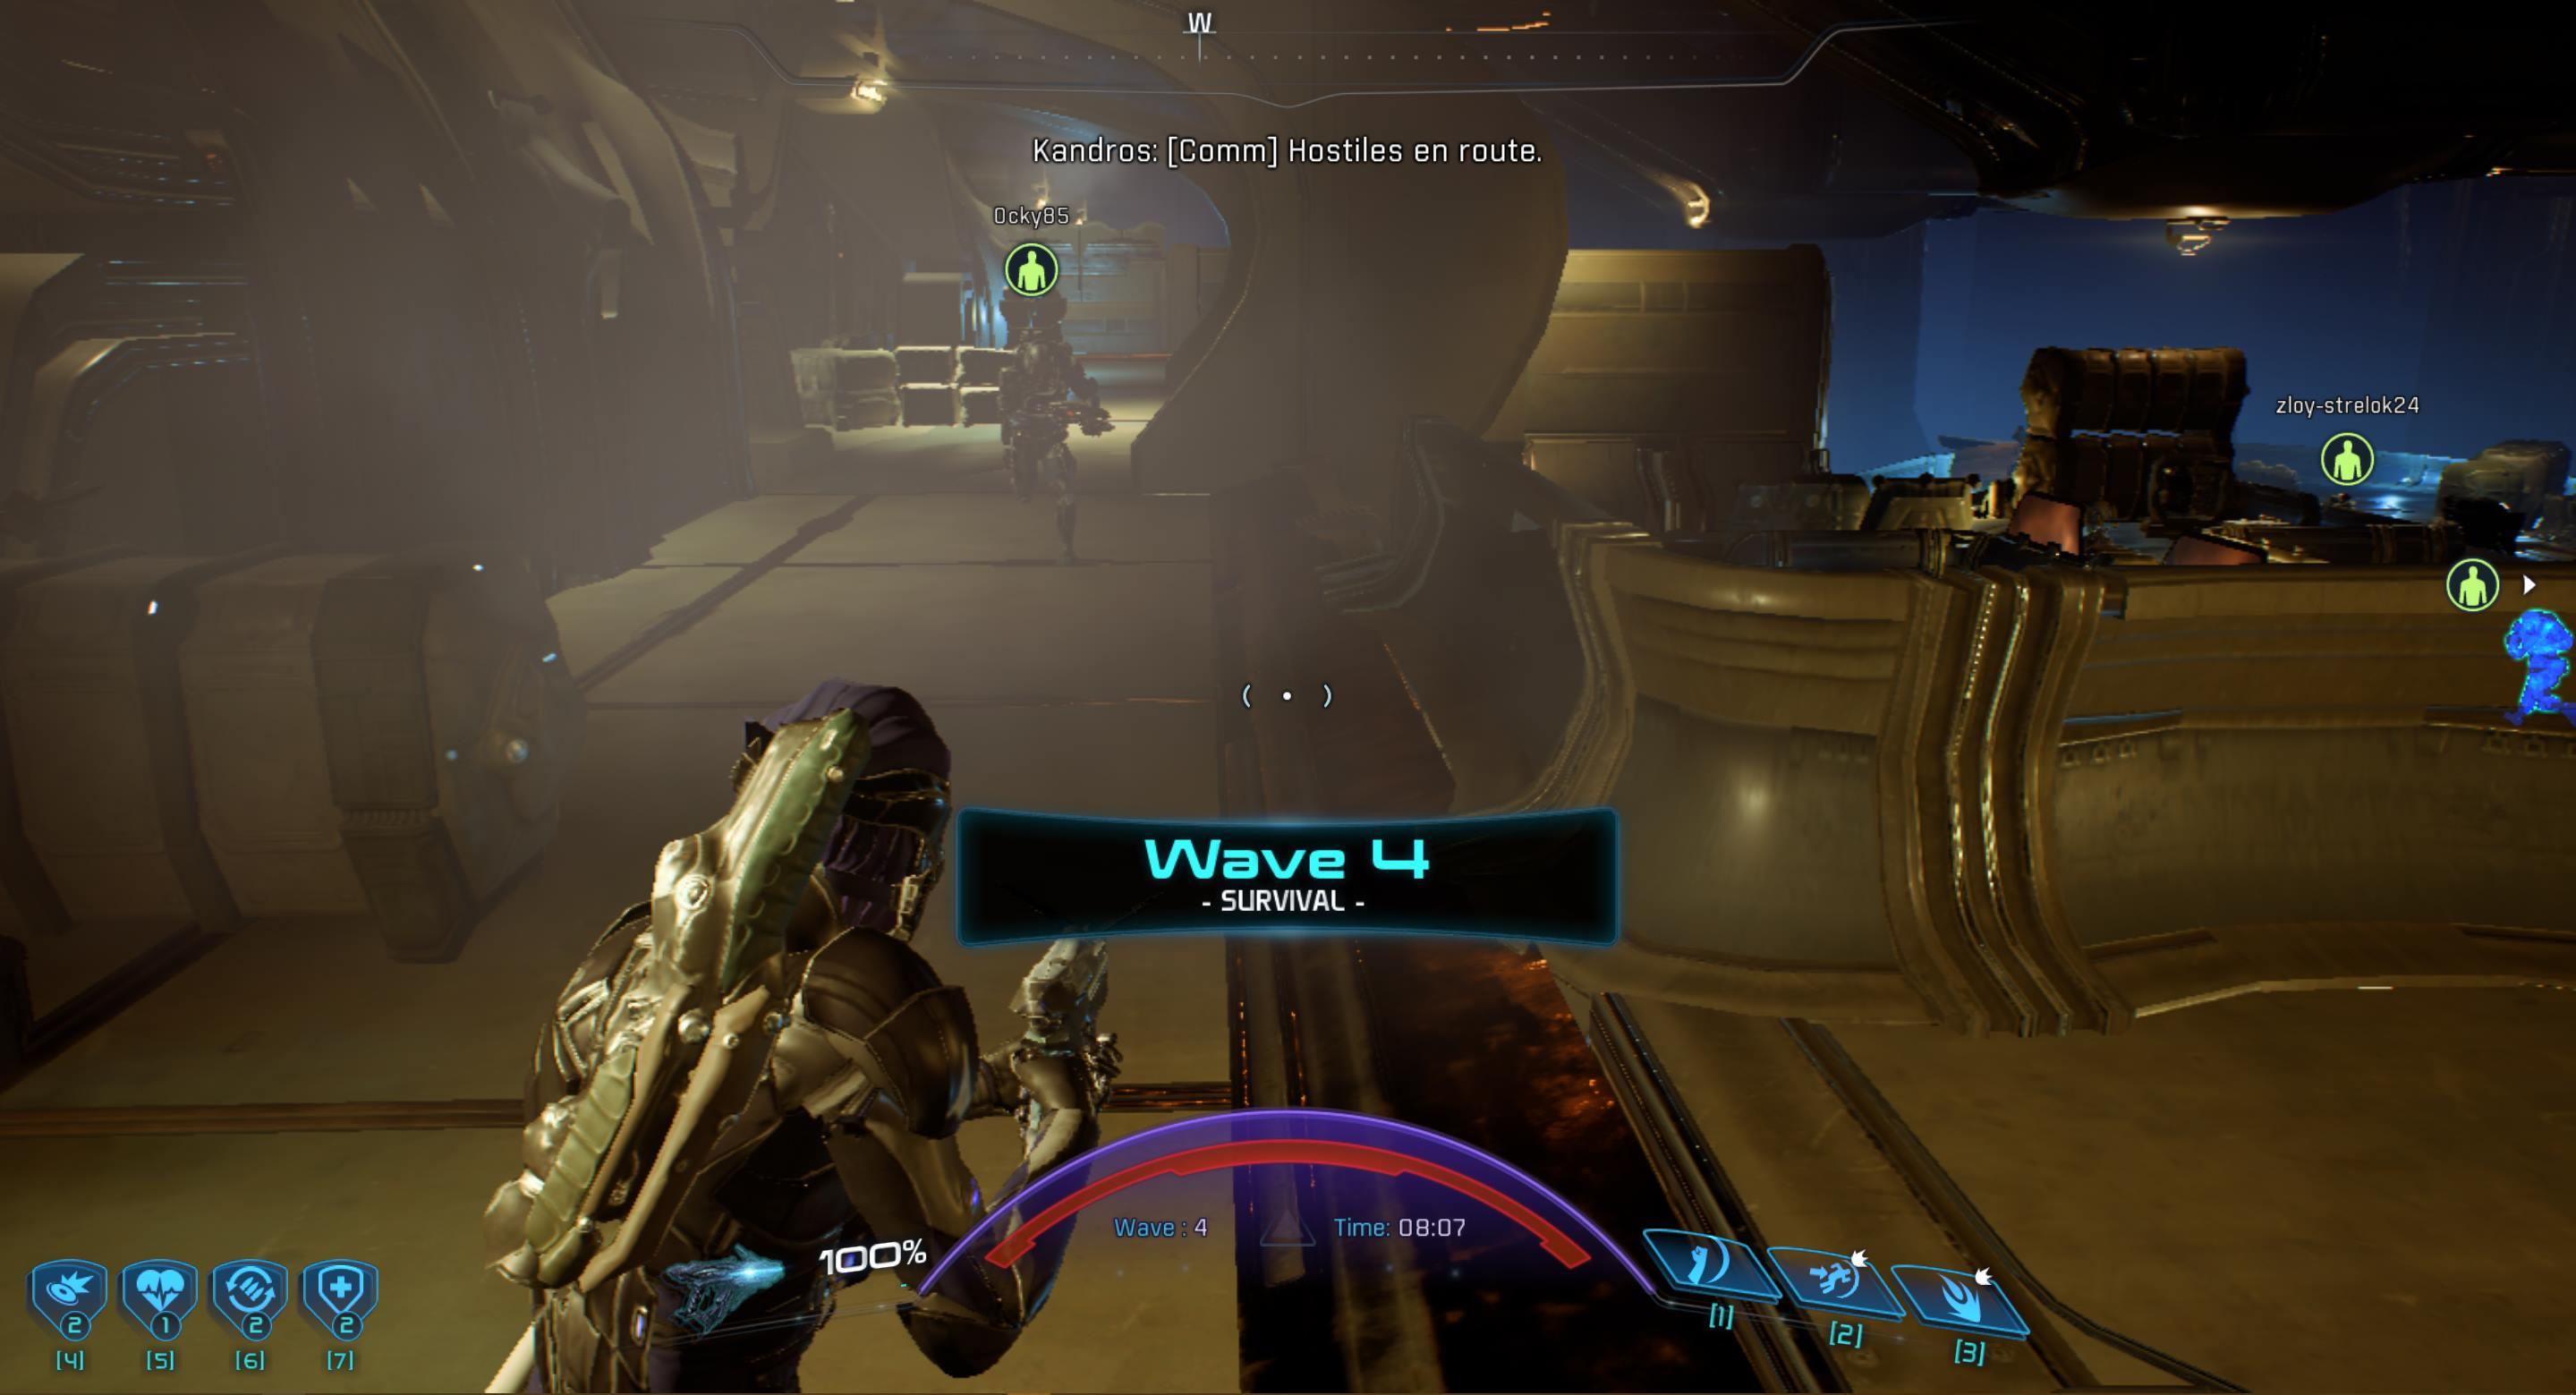 A starcraft 2 találat nem érhető el